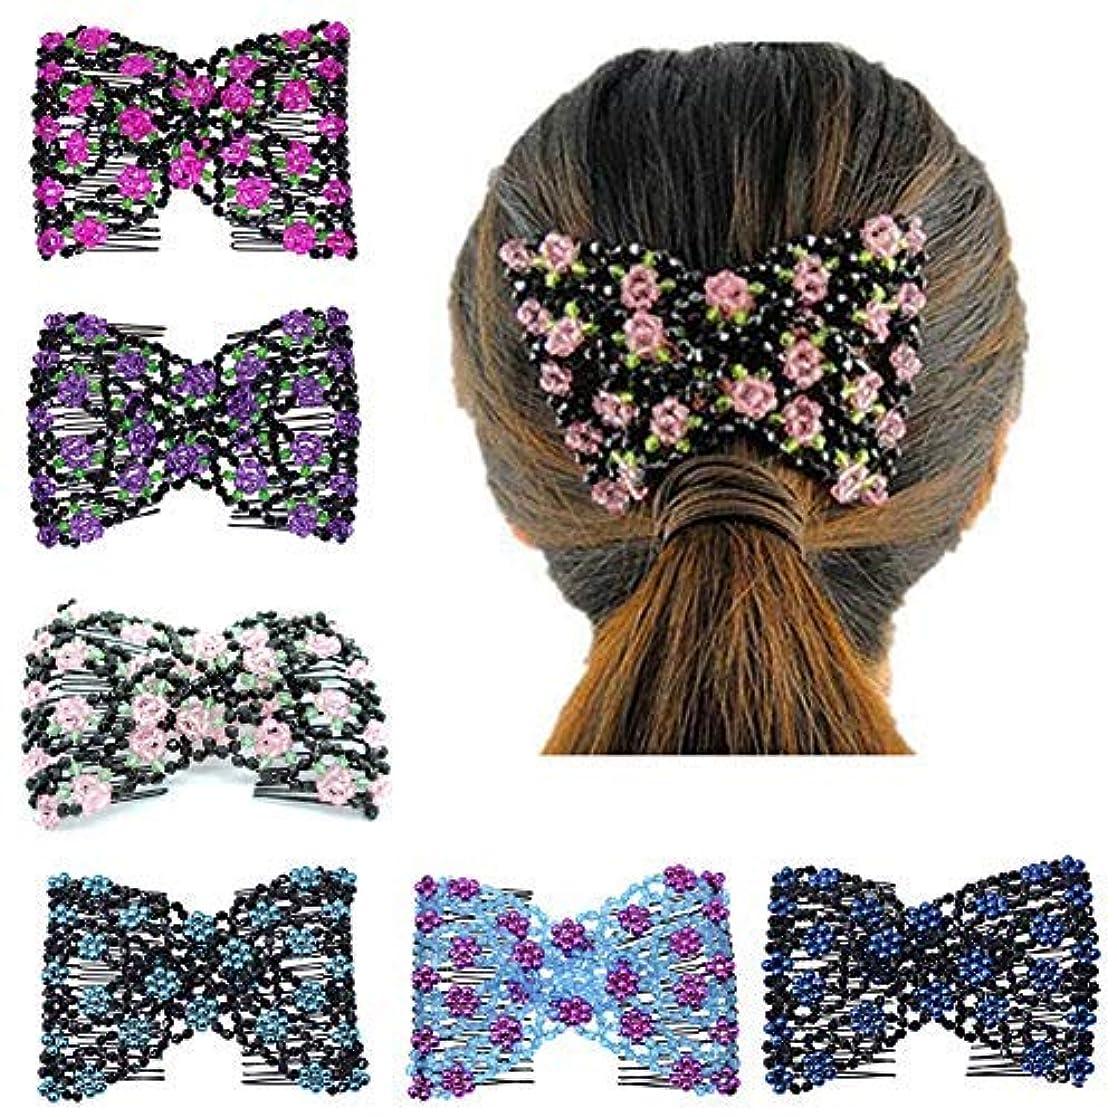 メイド五薬理学Casualfashion Magic Ez Combs Double Stretching Combs, Thick and Thin Hair, Hair Accessory for Popular Hairstyles...